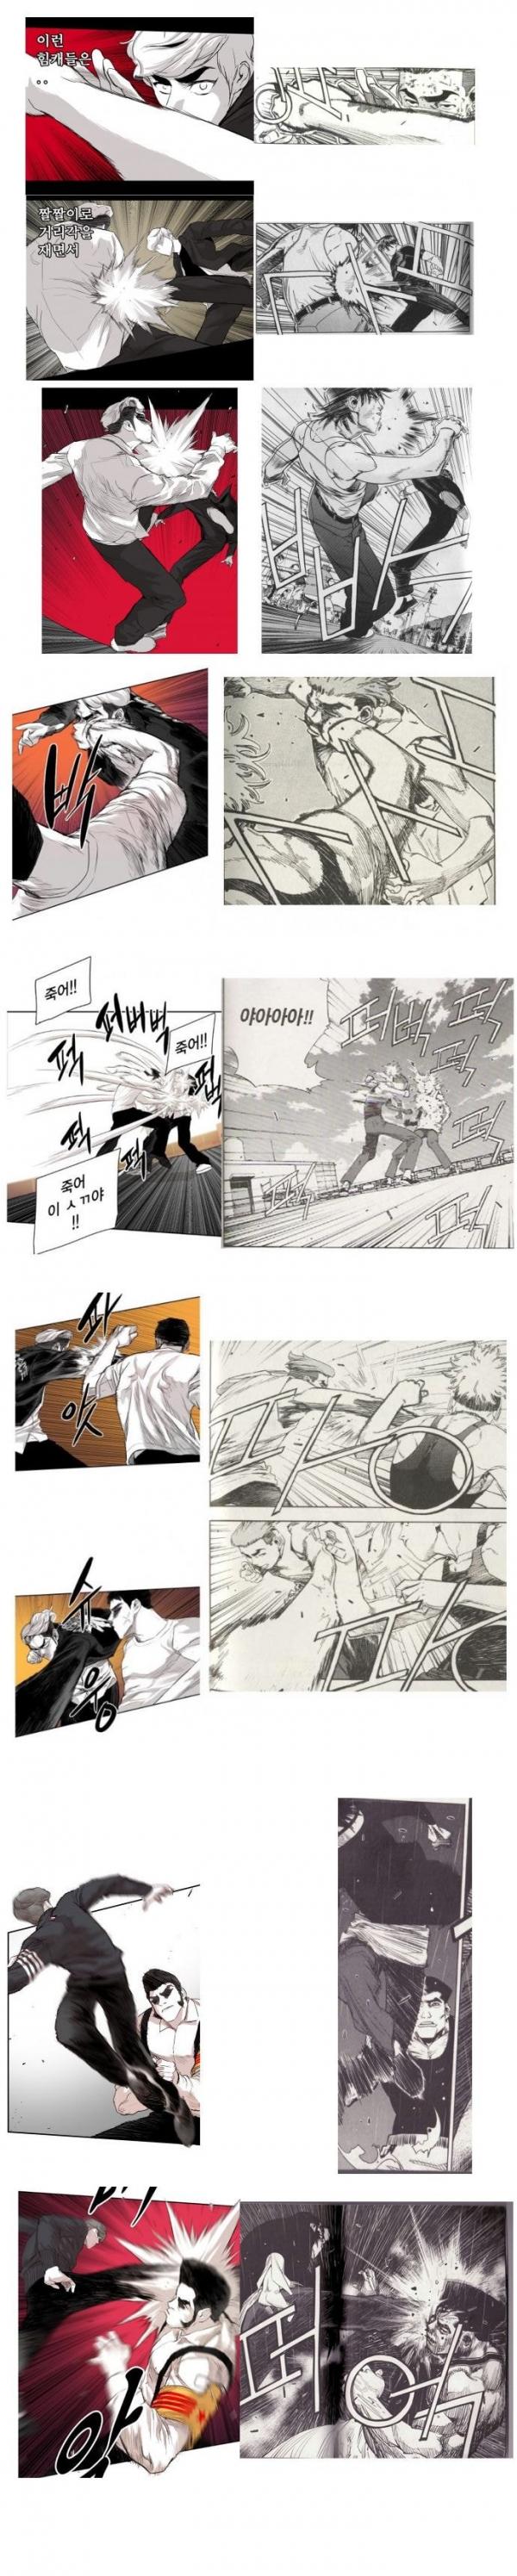 웹툰 '대가리'(왼쪽)와 만화 '짱'(오른쪽) 비교 사진=온라인 커뮤니티